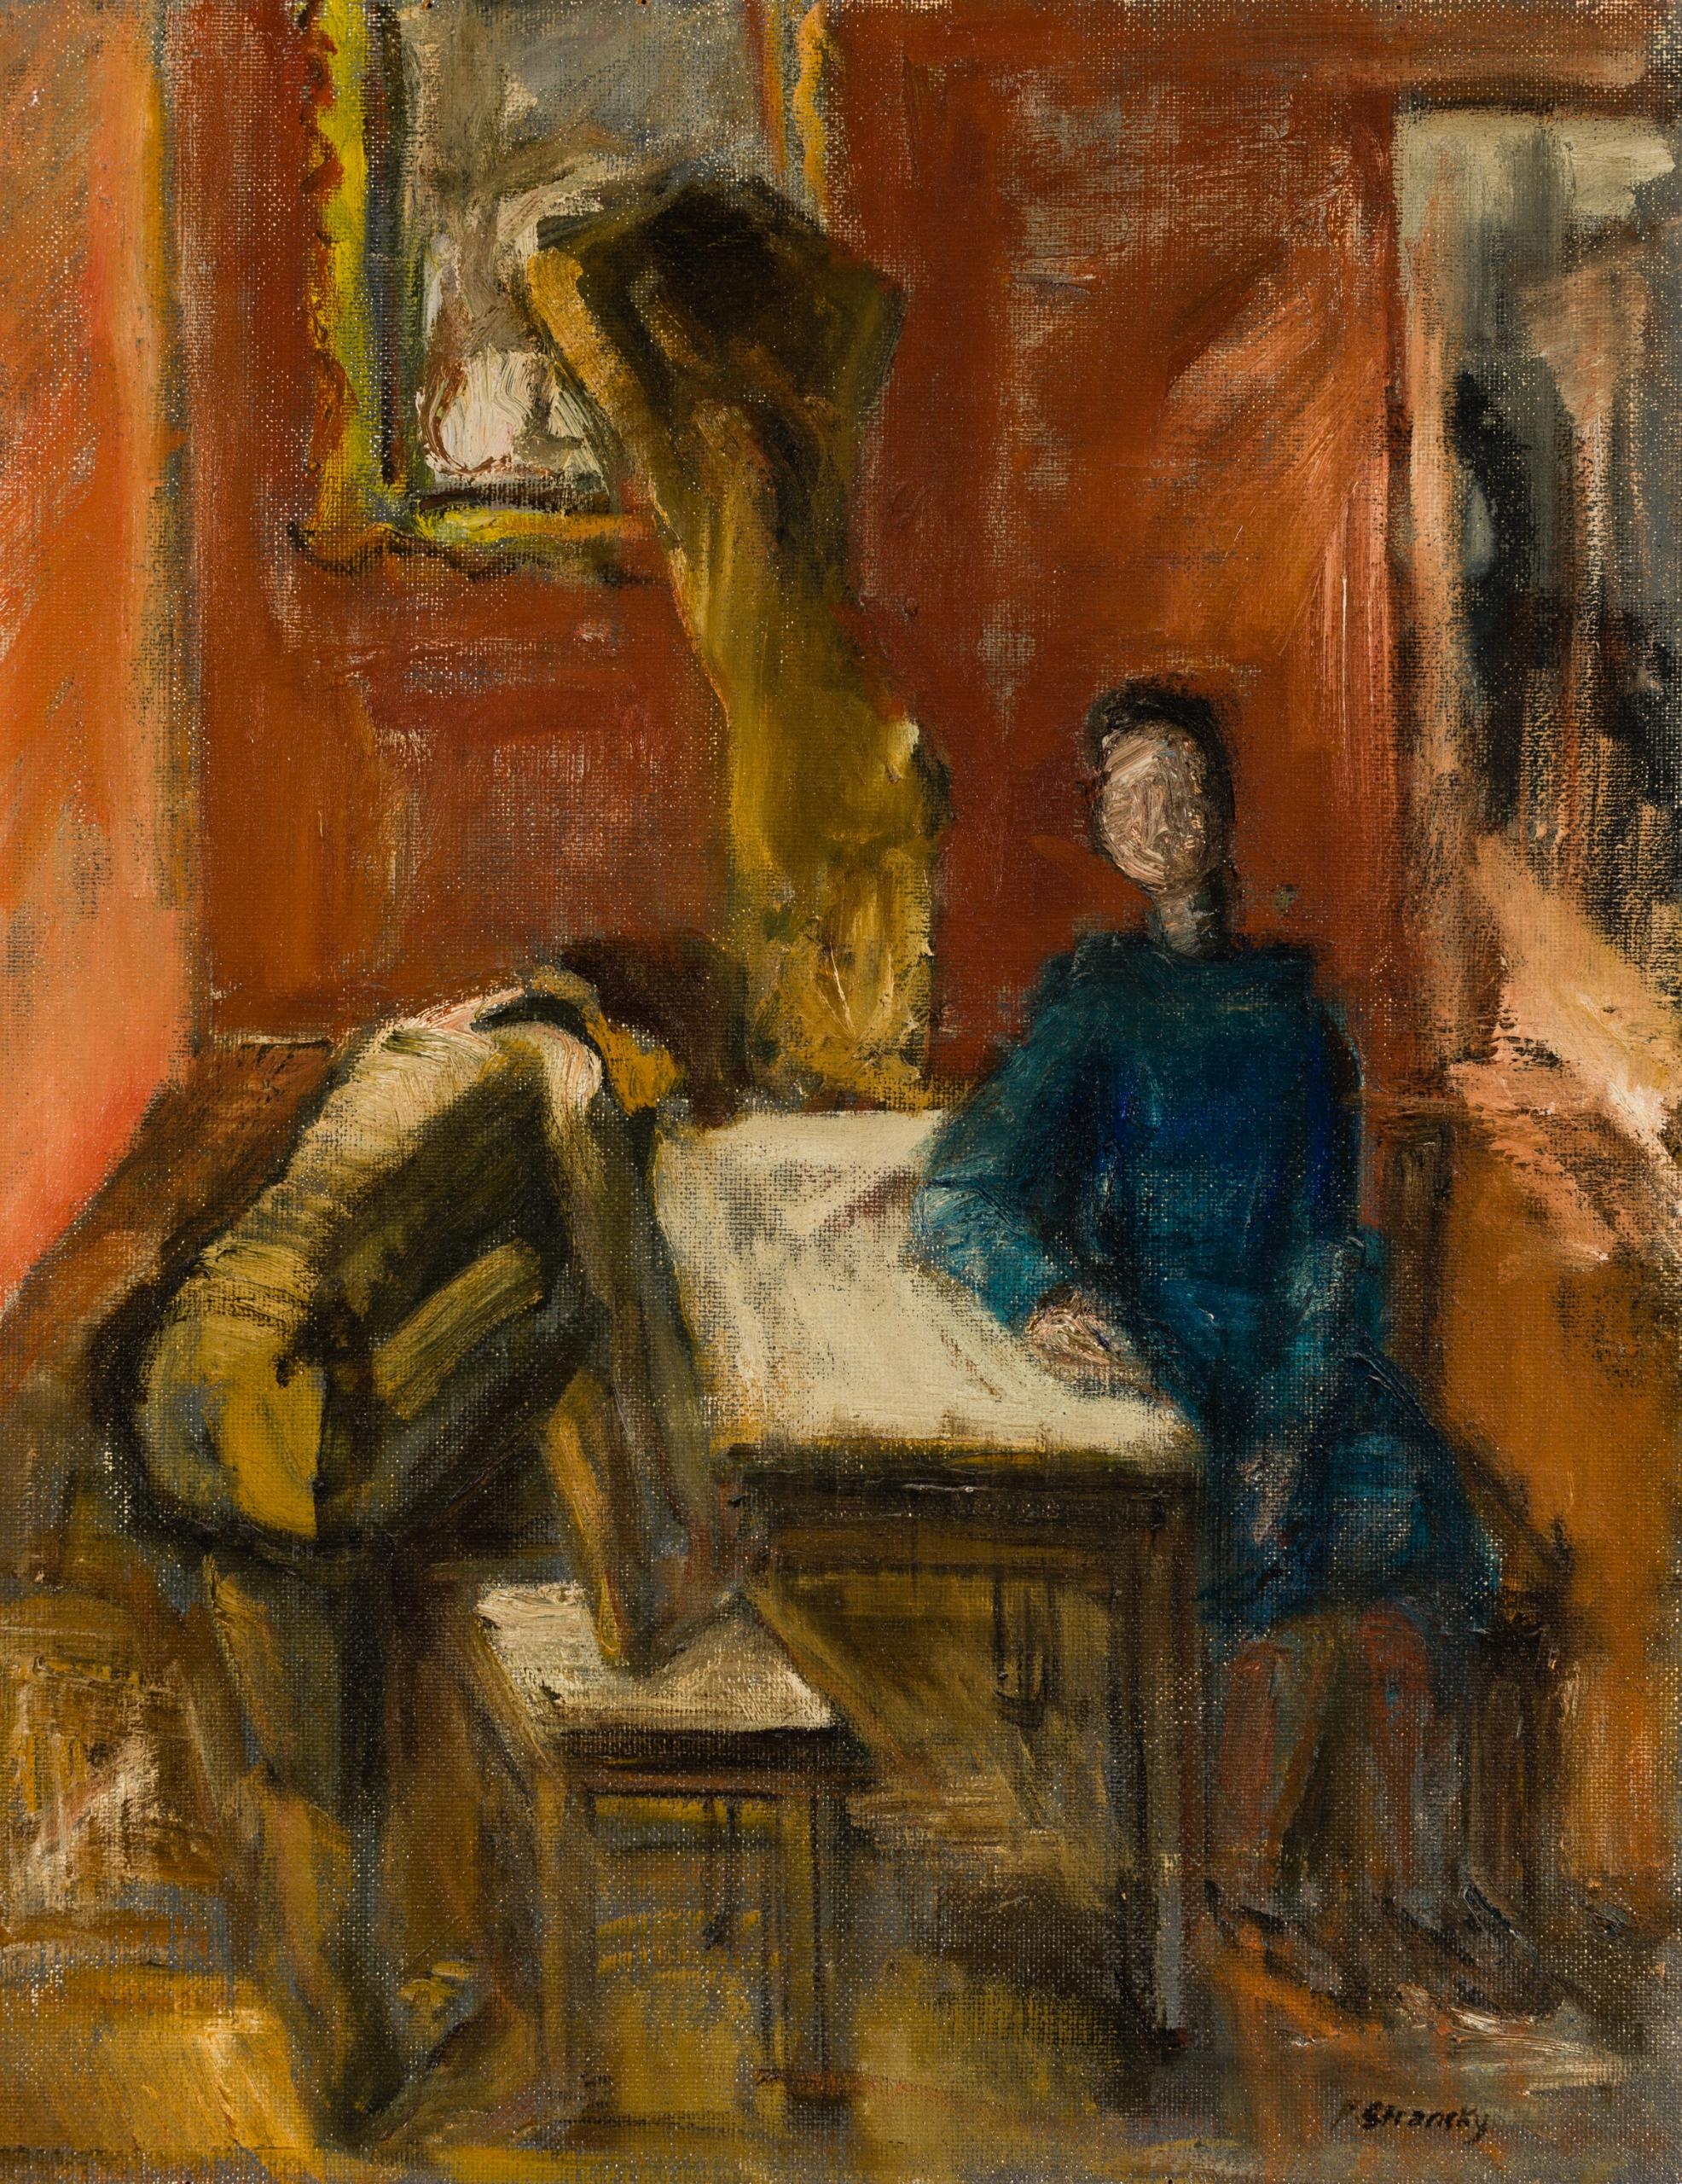 Ferdinand Stransky, Drei Figuren im Raum